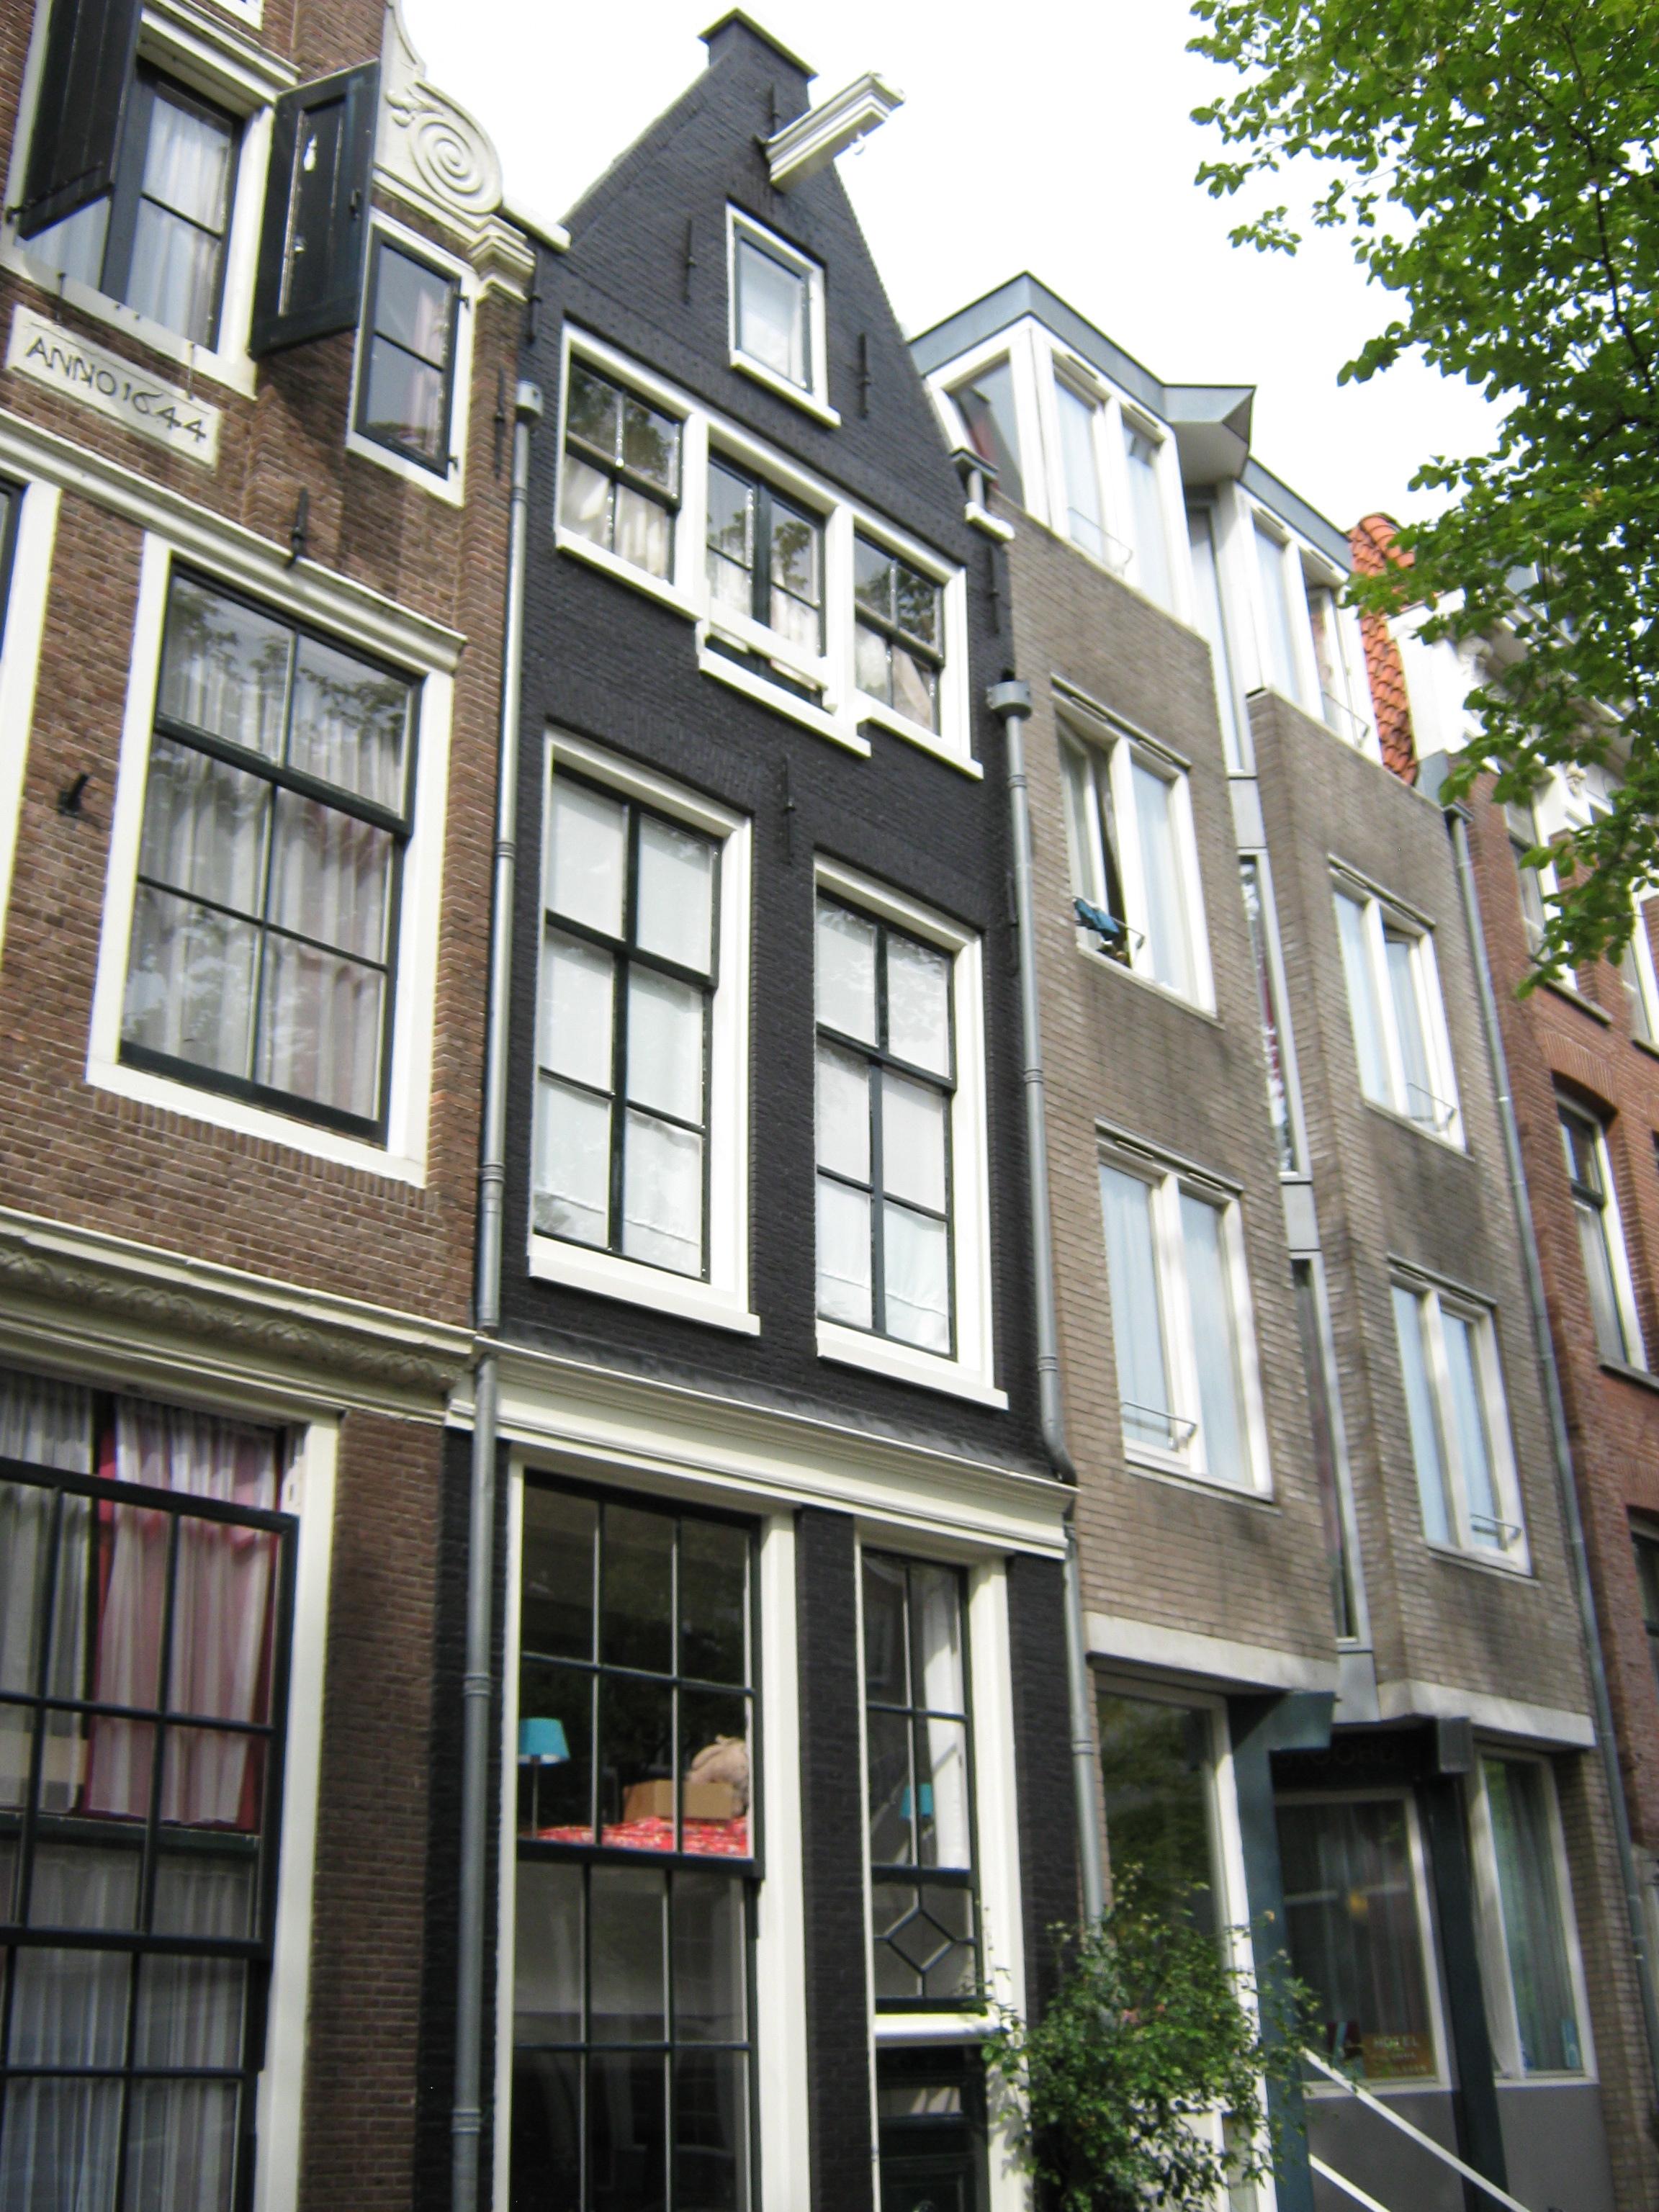 Huis met gevel onder punttop in amsterdam monument - Provencaalse huis gevel ...